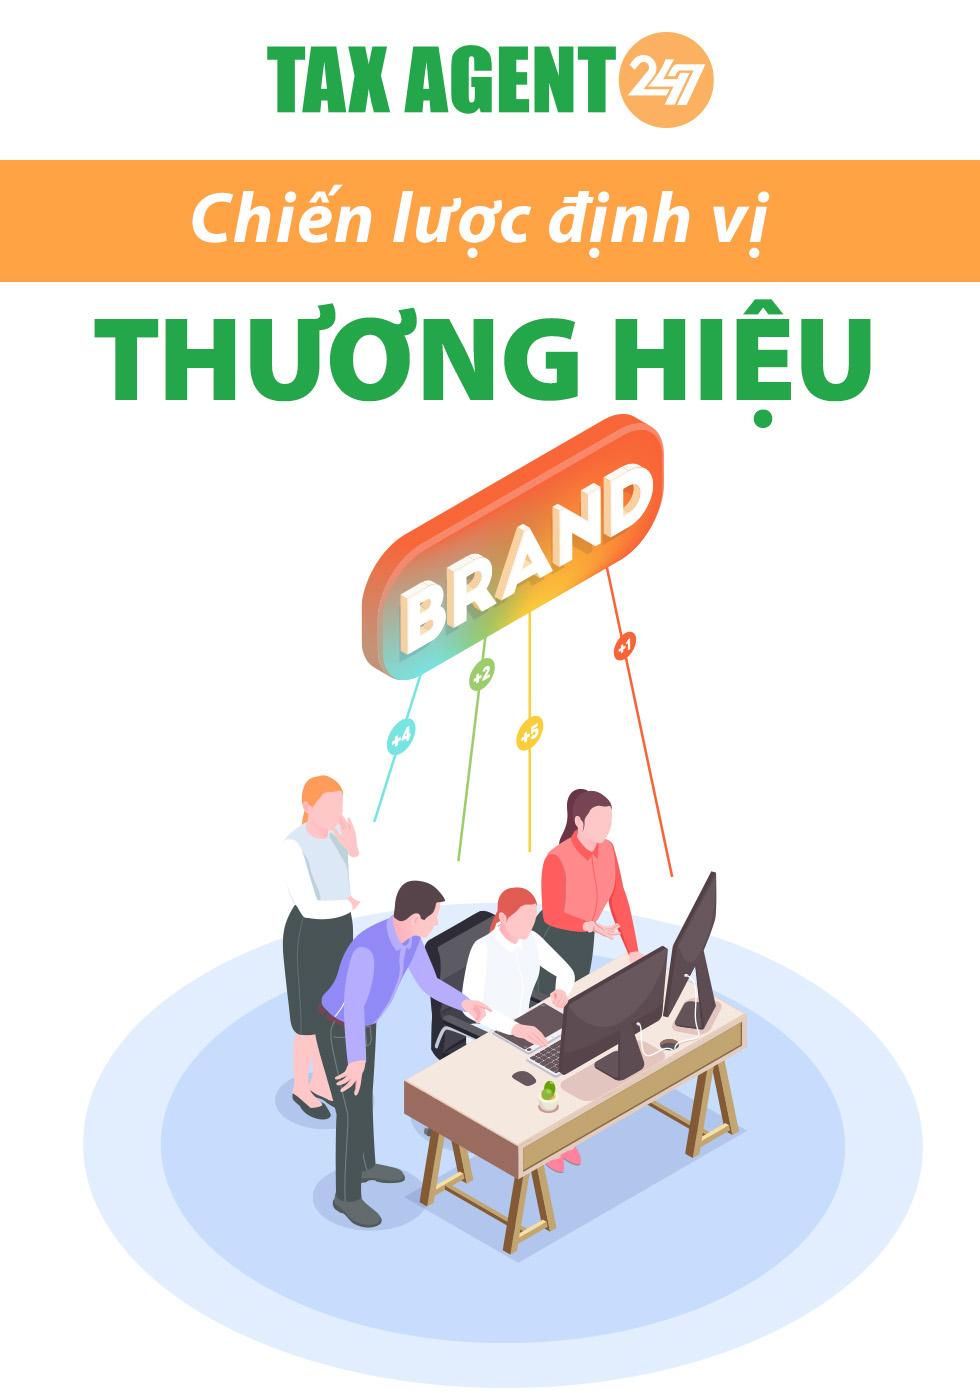 chien-luong-thuong-hieu